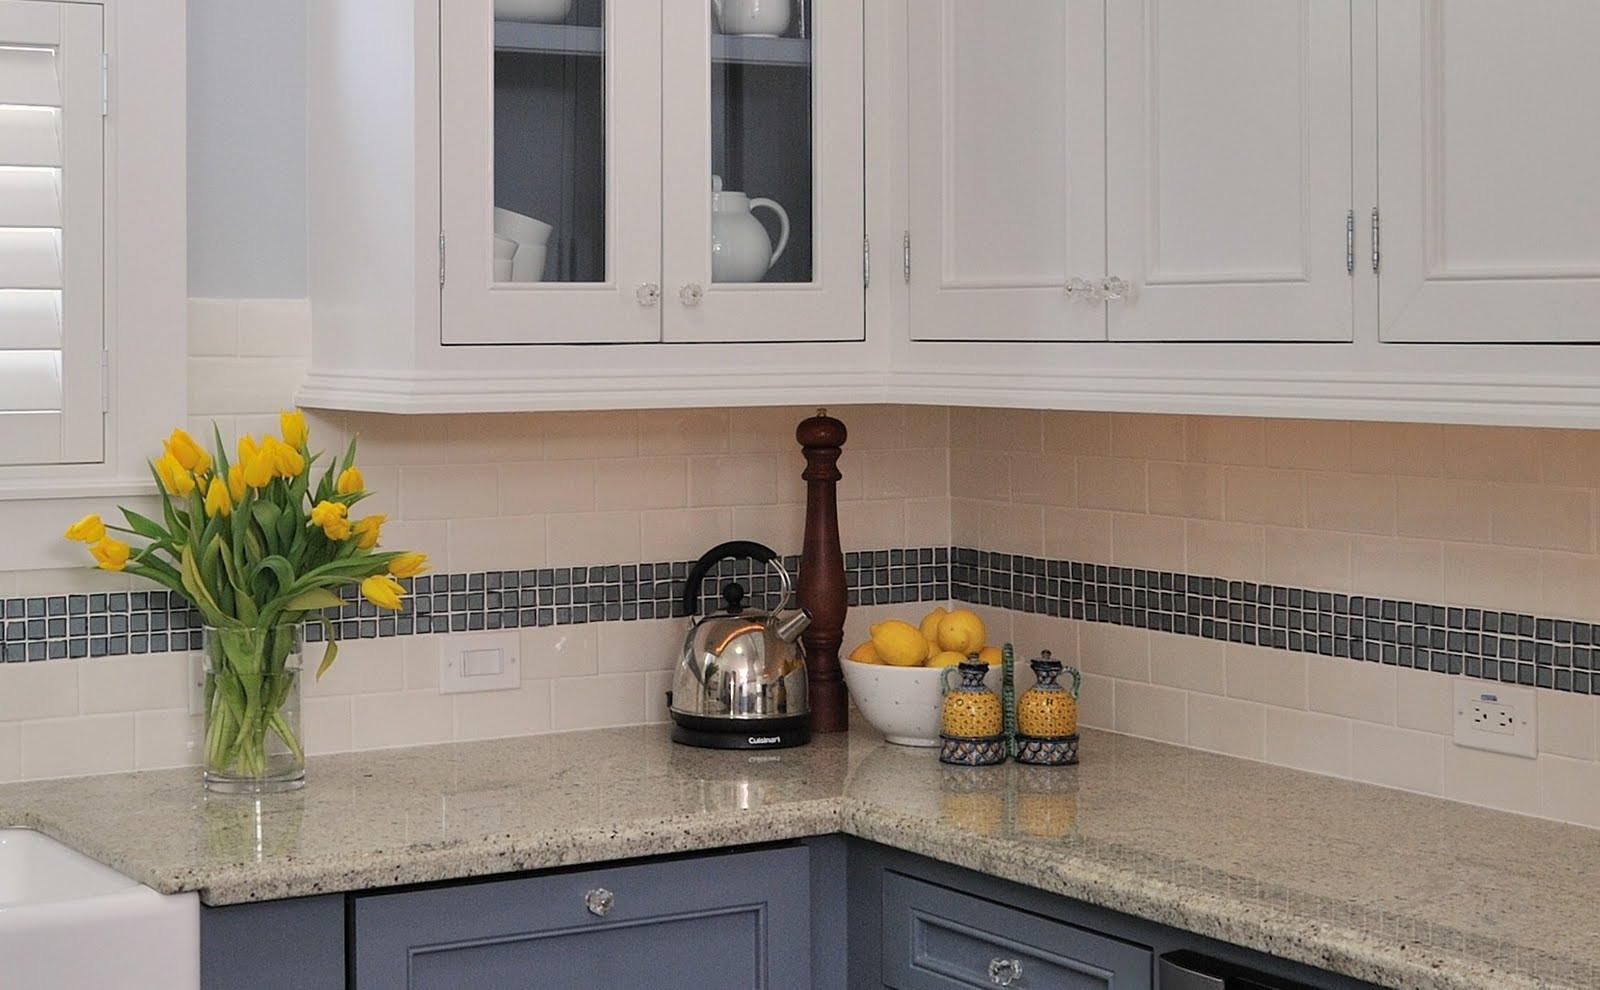 Kitchen Backsplash Outlets  design in wood Backsplash Tips Part 2 Dealing with